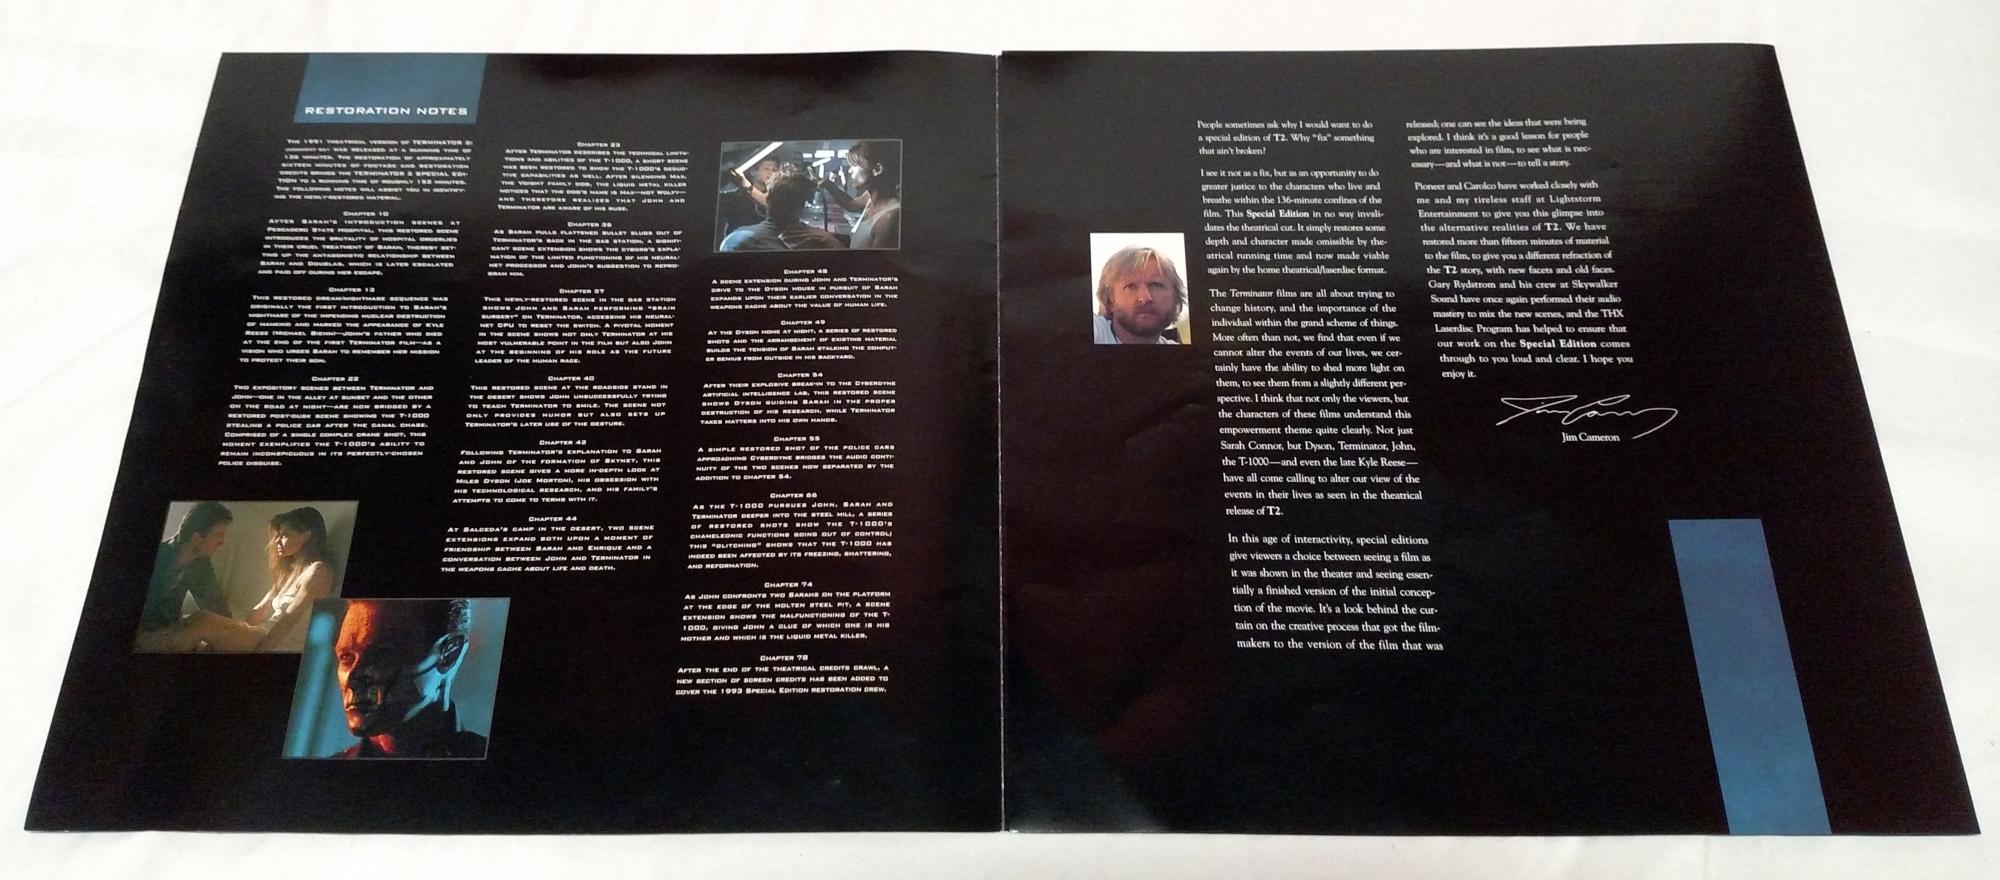 Terminator 2: Pioneer Special Edition Laserdisc booklet